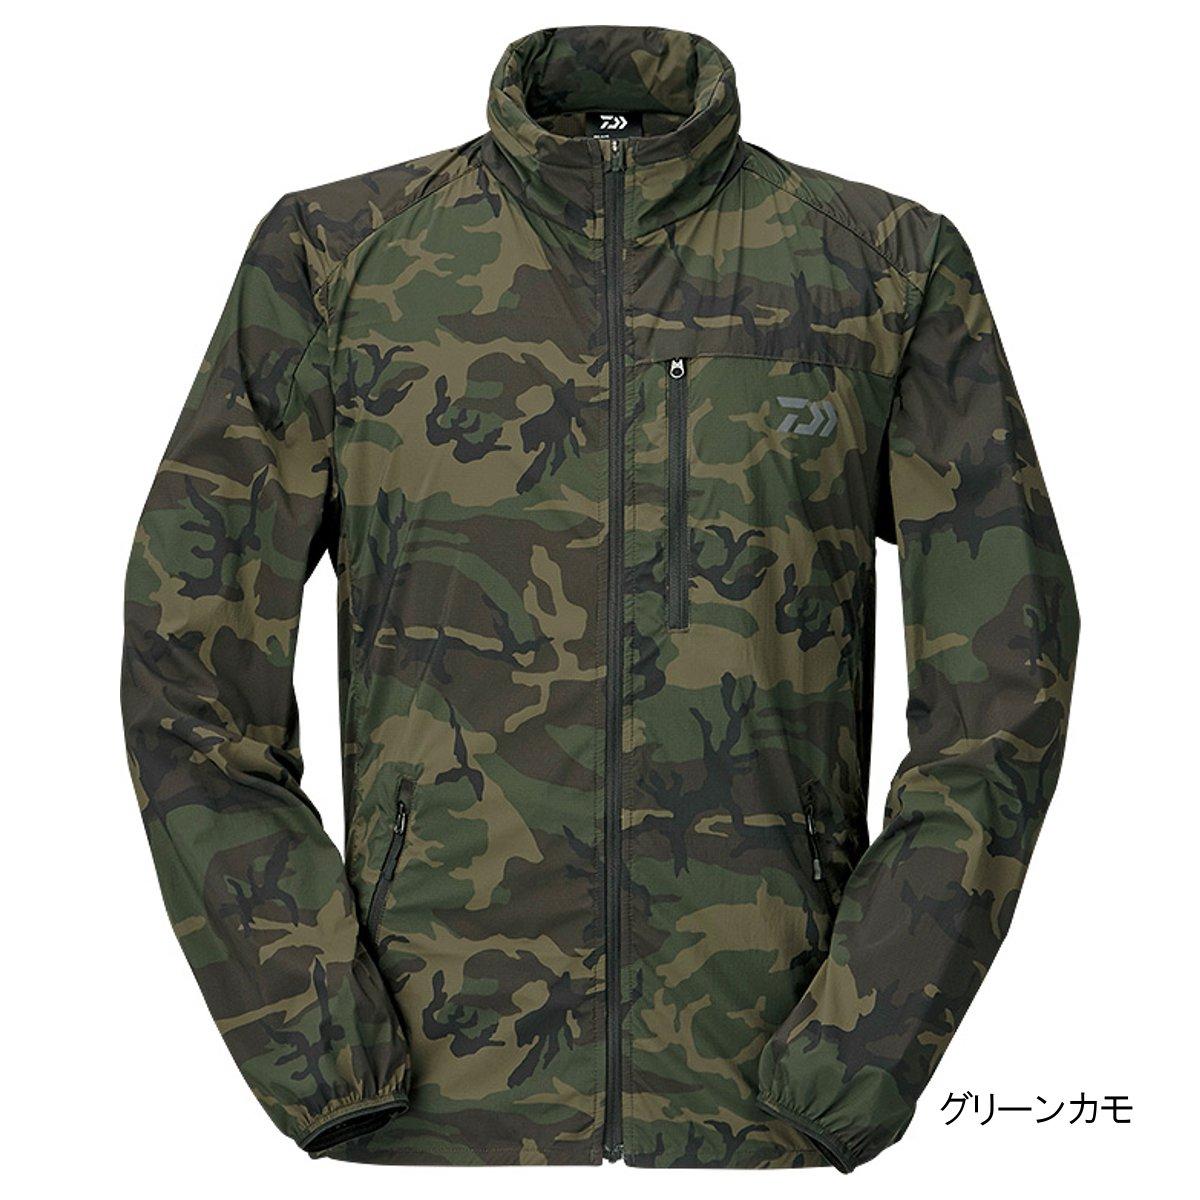 ダイワ ポケッタブルウィンドジャケット DJ-33009 L グリーンカモ【送料無料】